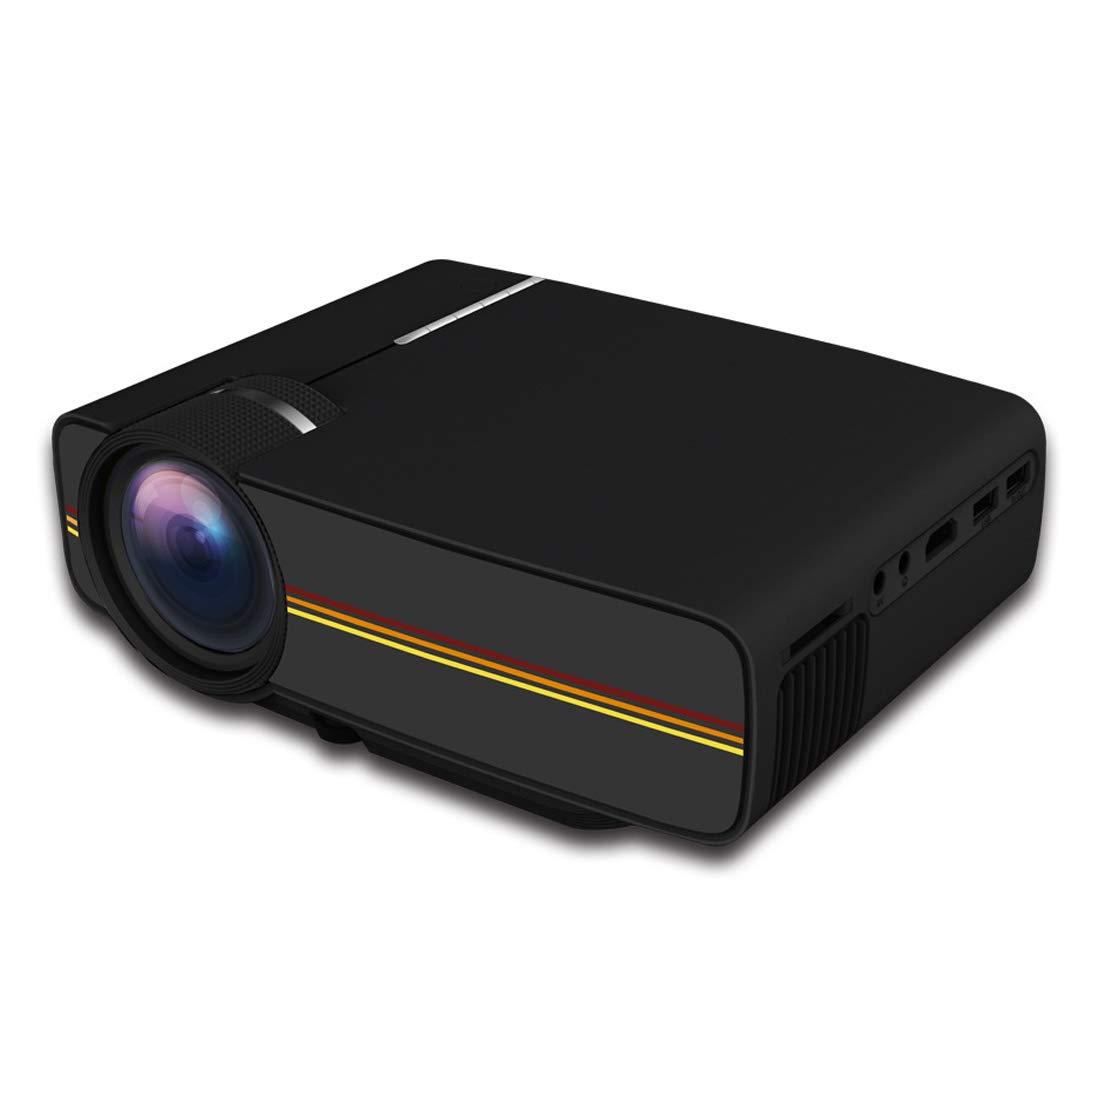 プロジェクター ホームシアターあなた自身のスピーカーを持って来なさいフルフォーマットのビデオ1080Pをサポートしなさいあらゆるタイプの外部装置と互換性がある簡単なシステムインターフェイス B07RQM3DSF Black